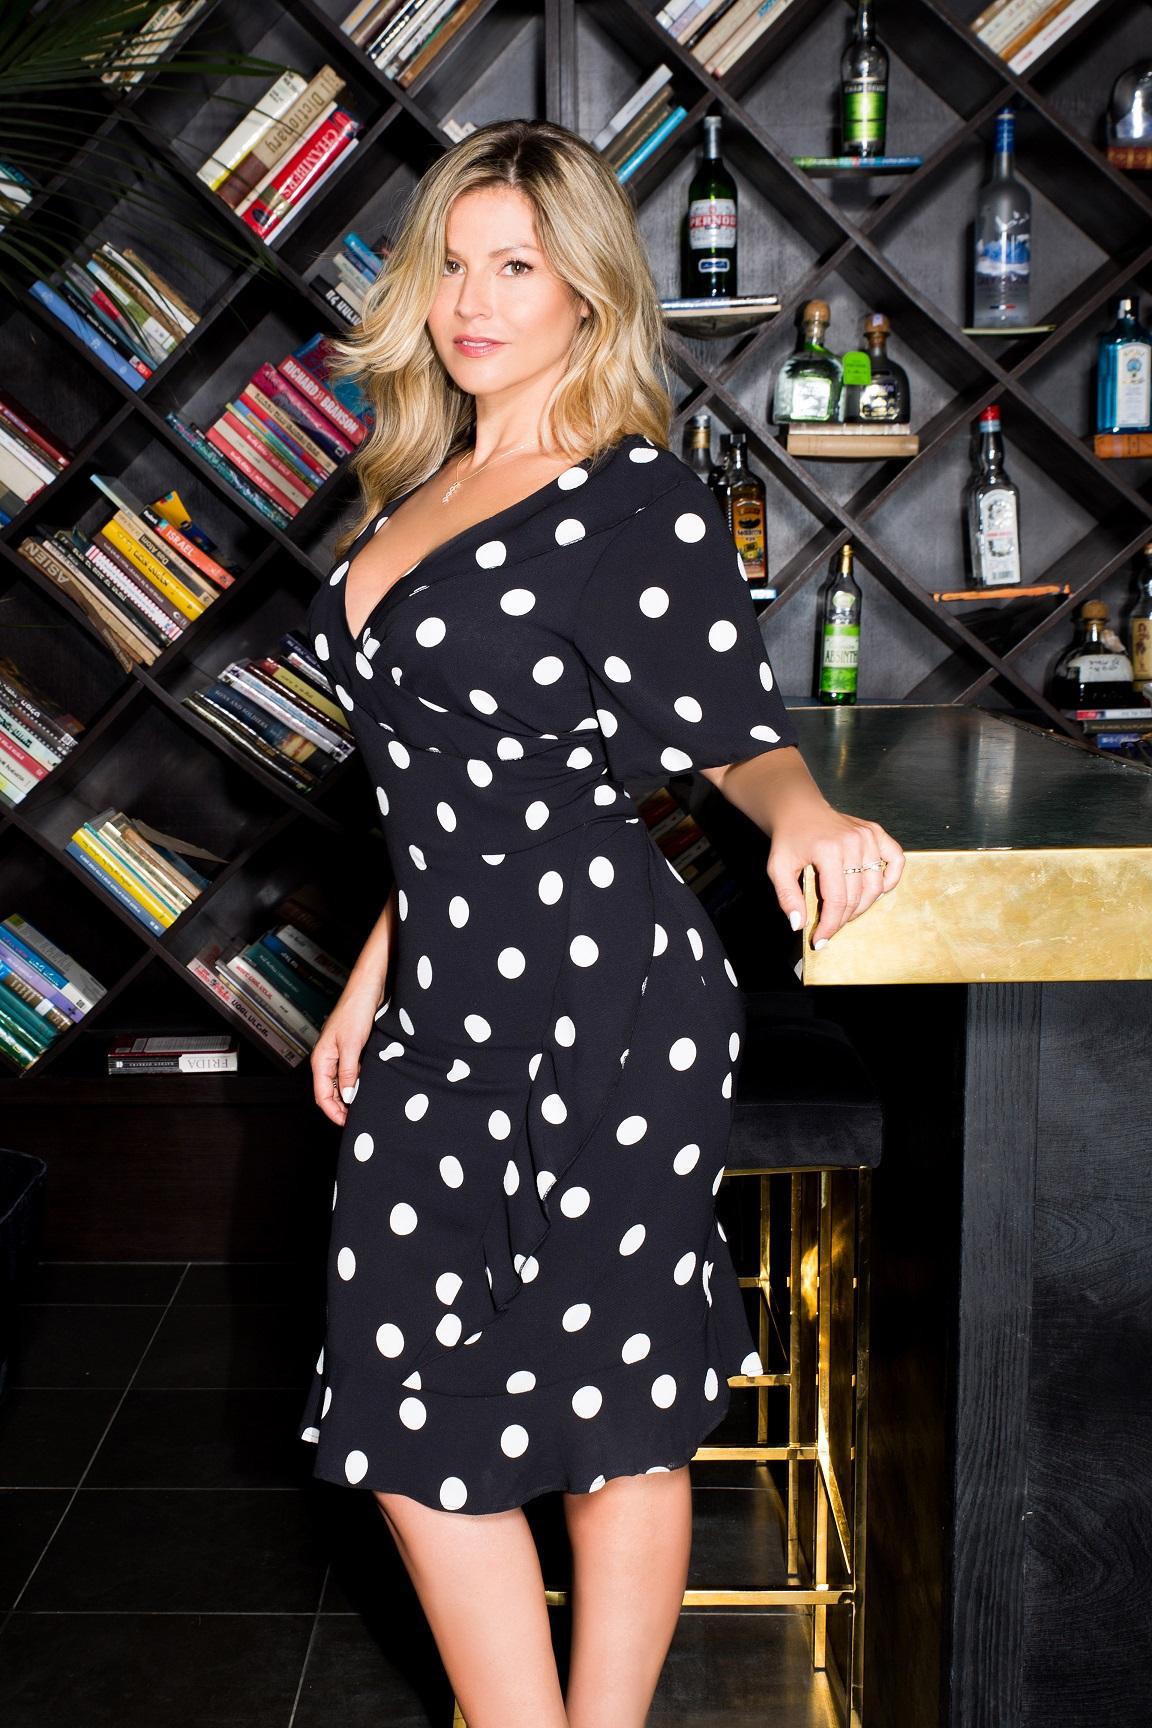 סנדרה רינגלר למתאים לי שמלה שחורה עיגולים לבנים 449שח צילום עמיר צוק (2)